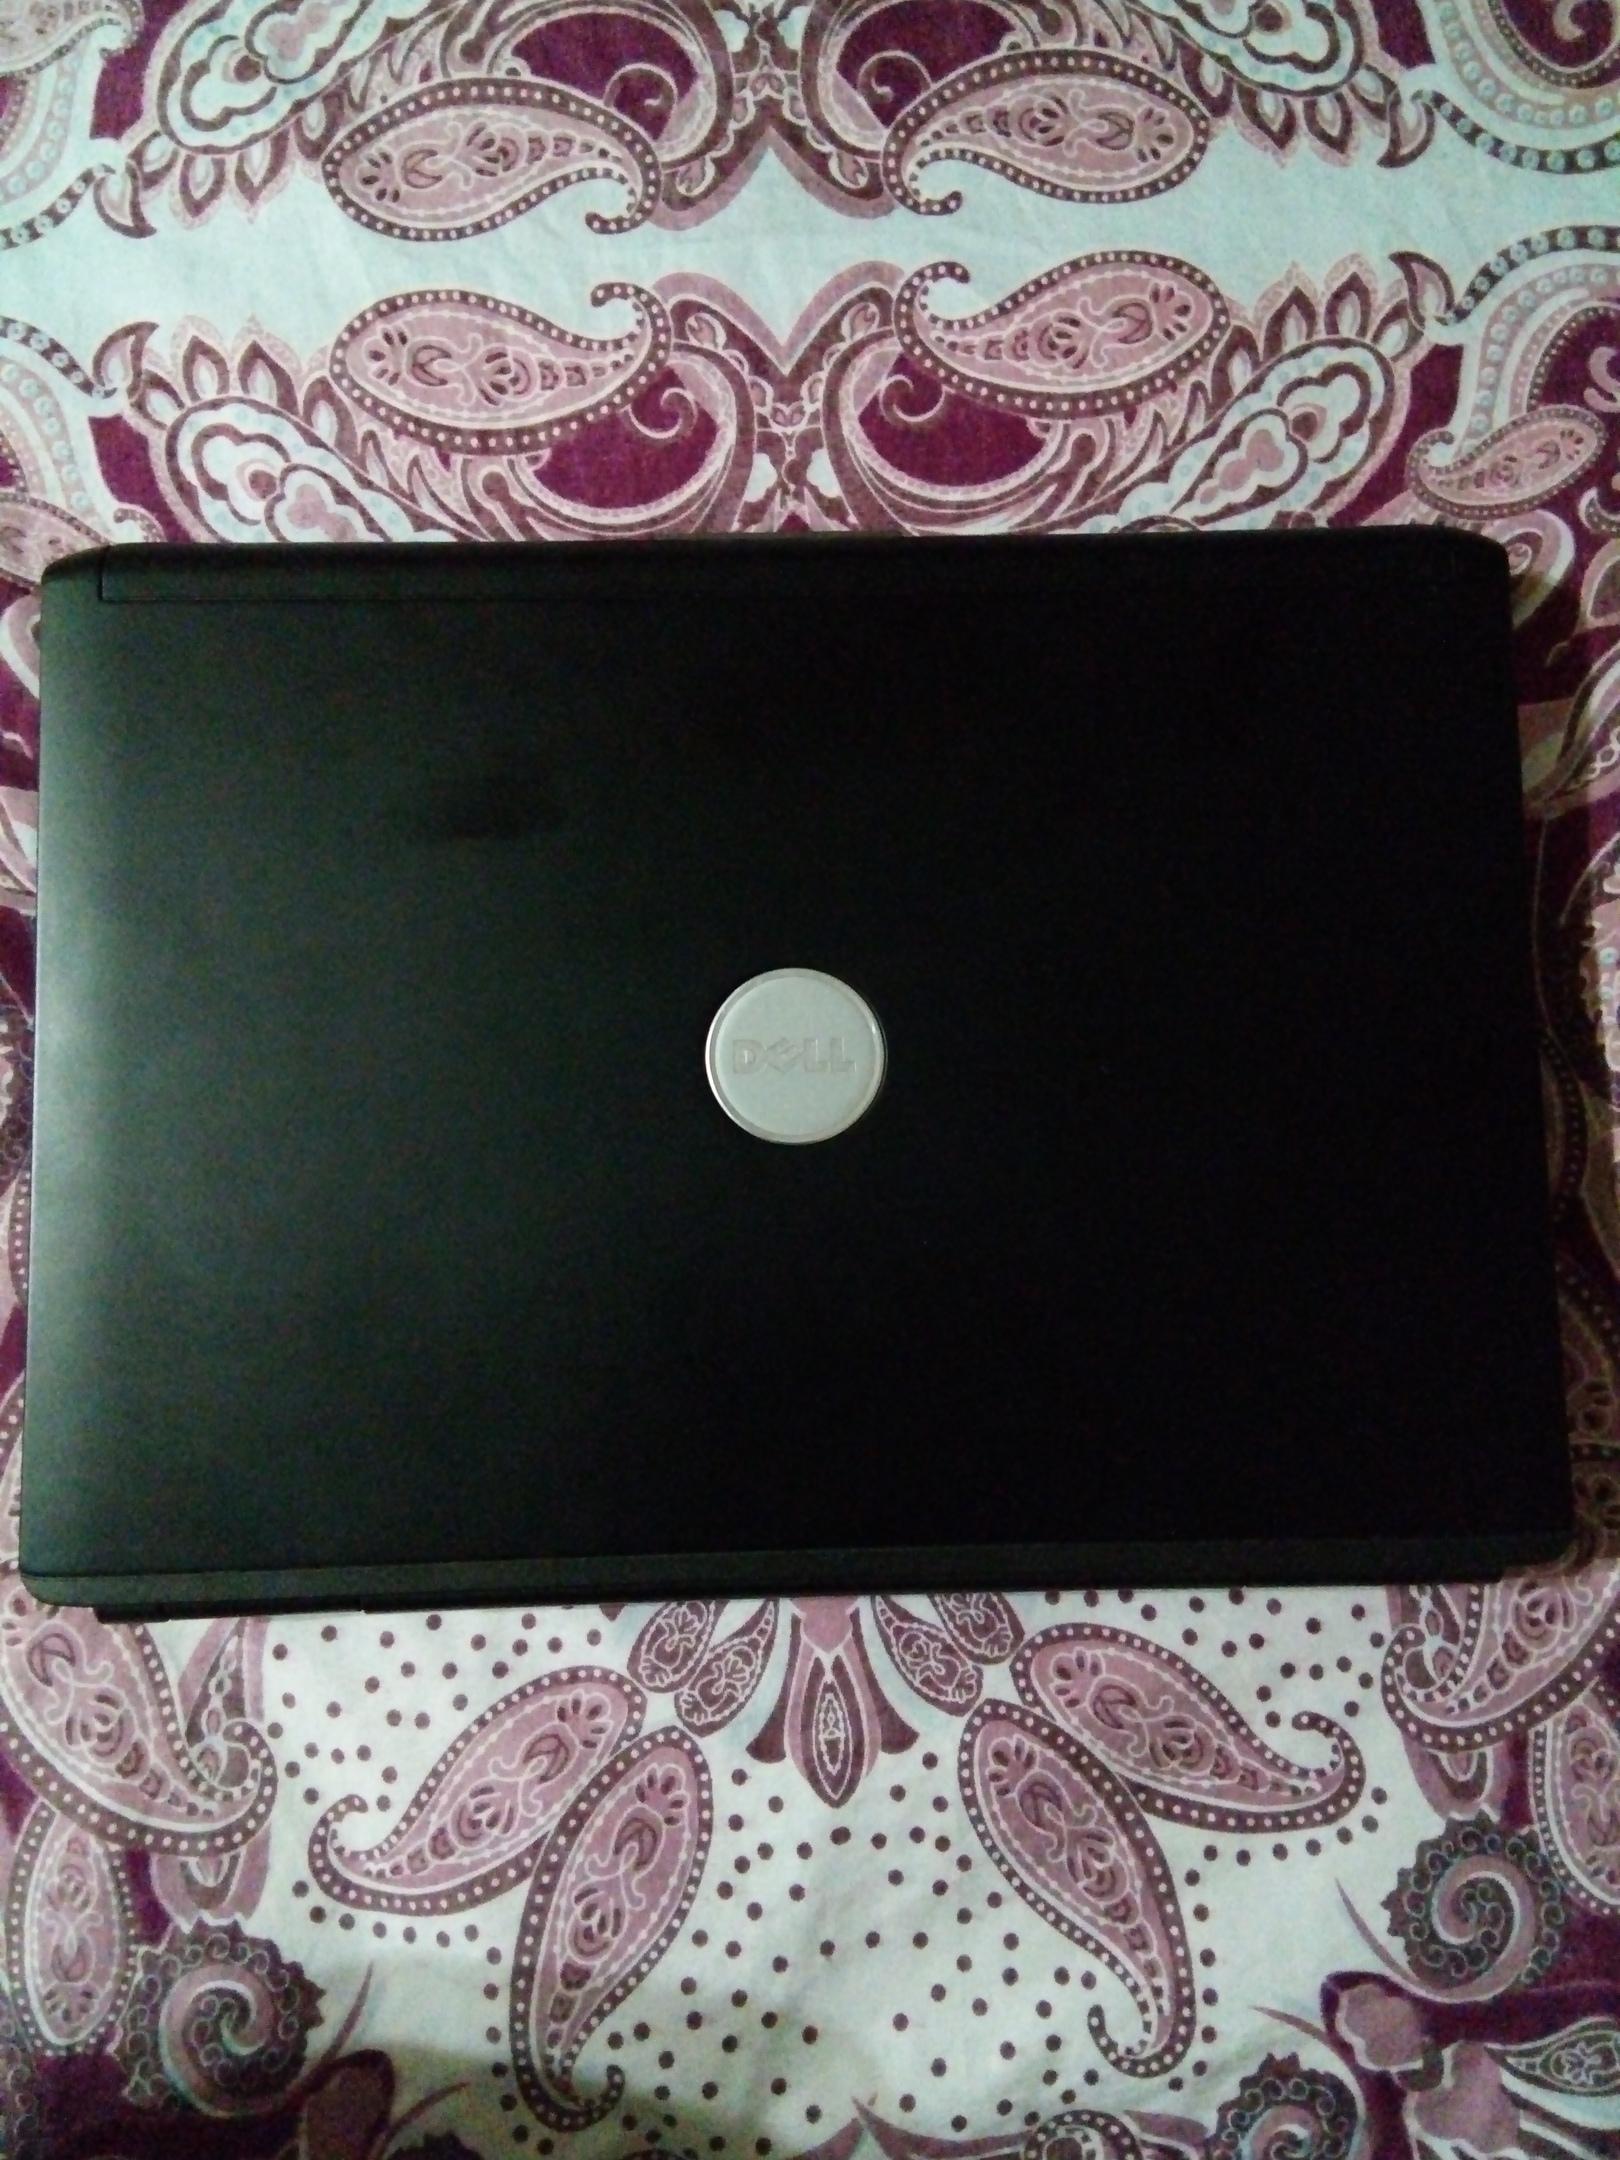 Предлагаю на разборку (или по Вашему усмотрению) ноутбук Dell vostro 1400.